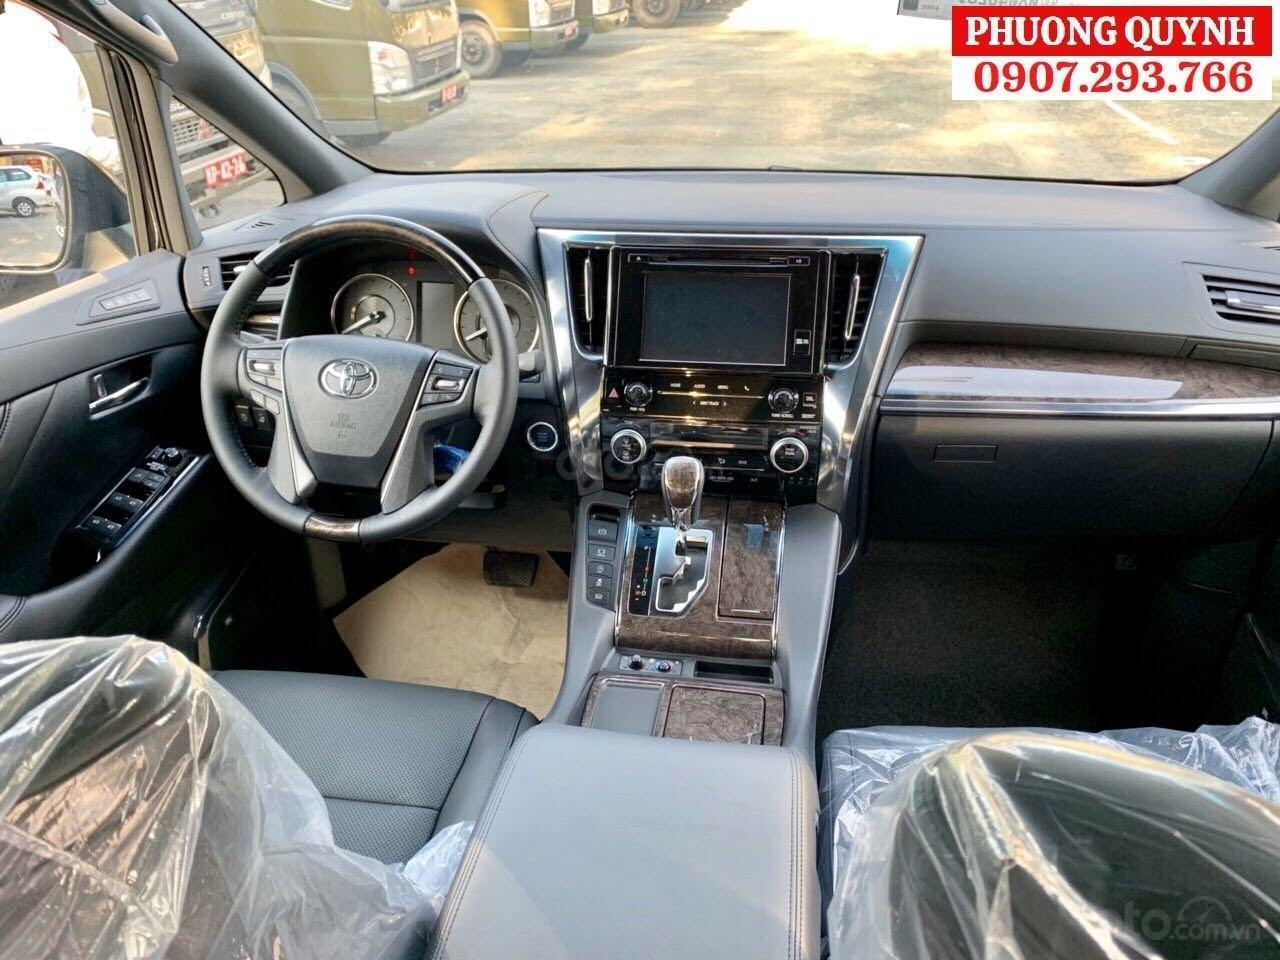 Toyota Alphard - Chuyên cơ mặt đất - đẳng cấp thương gia (6)